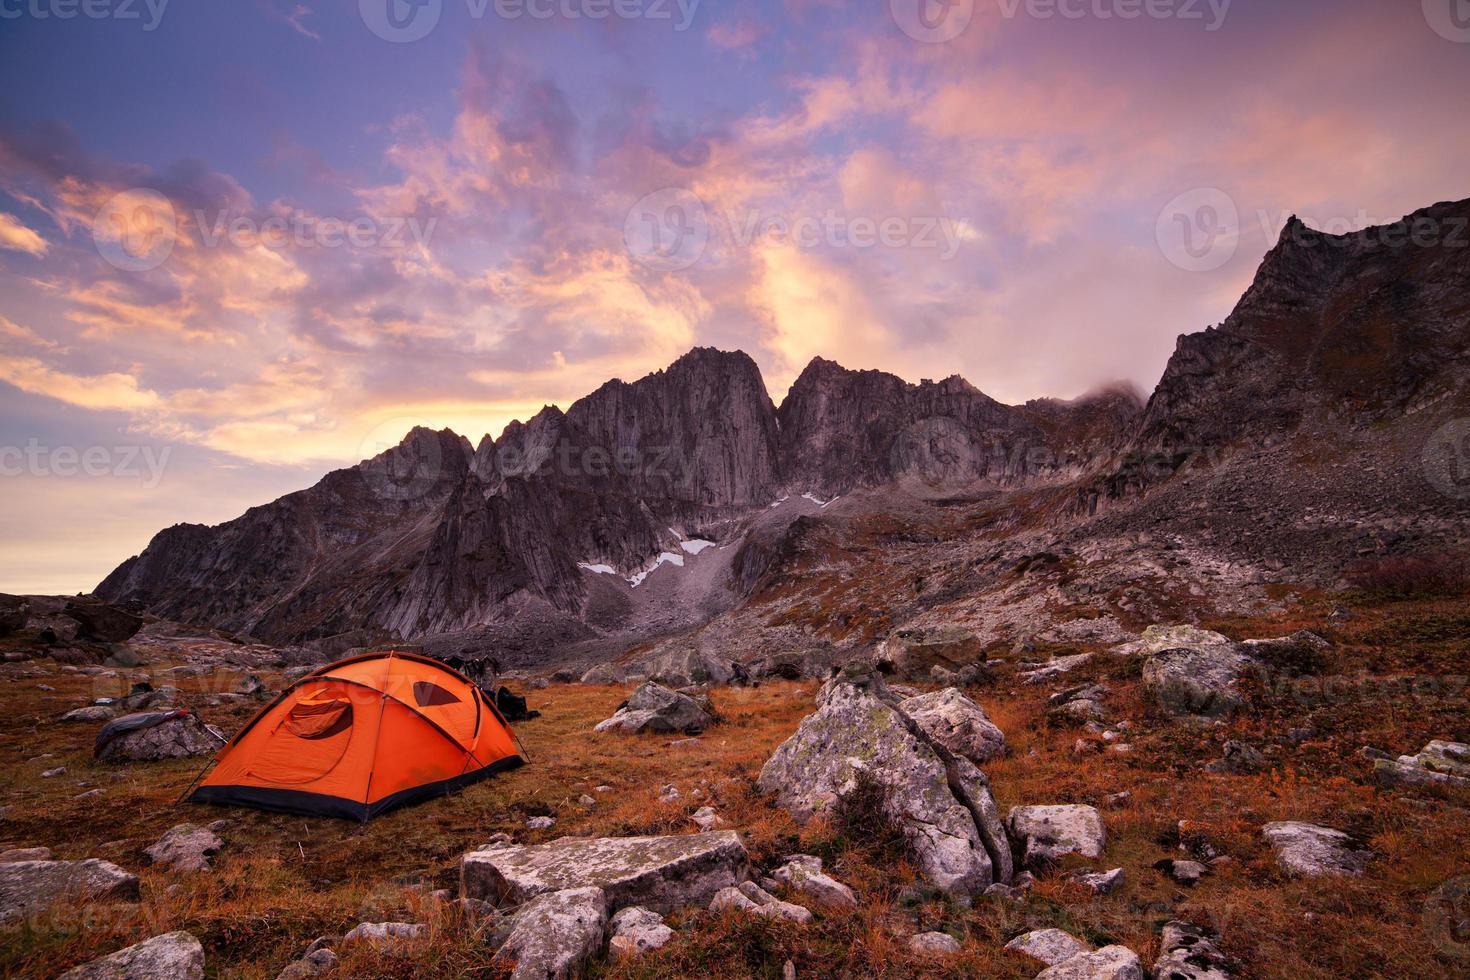 turista acampar nas montanhas foto